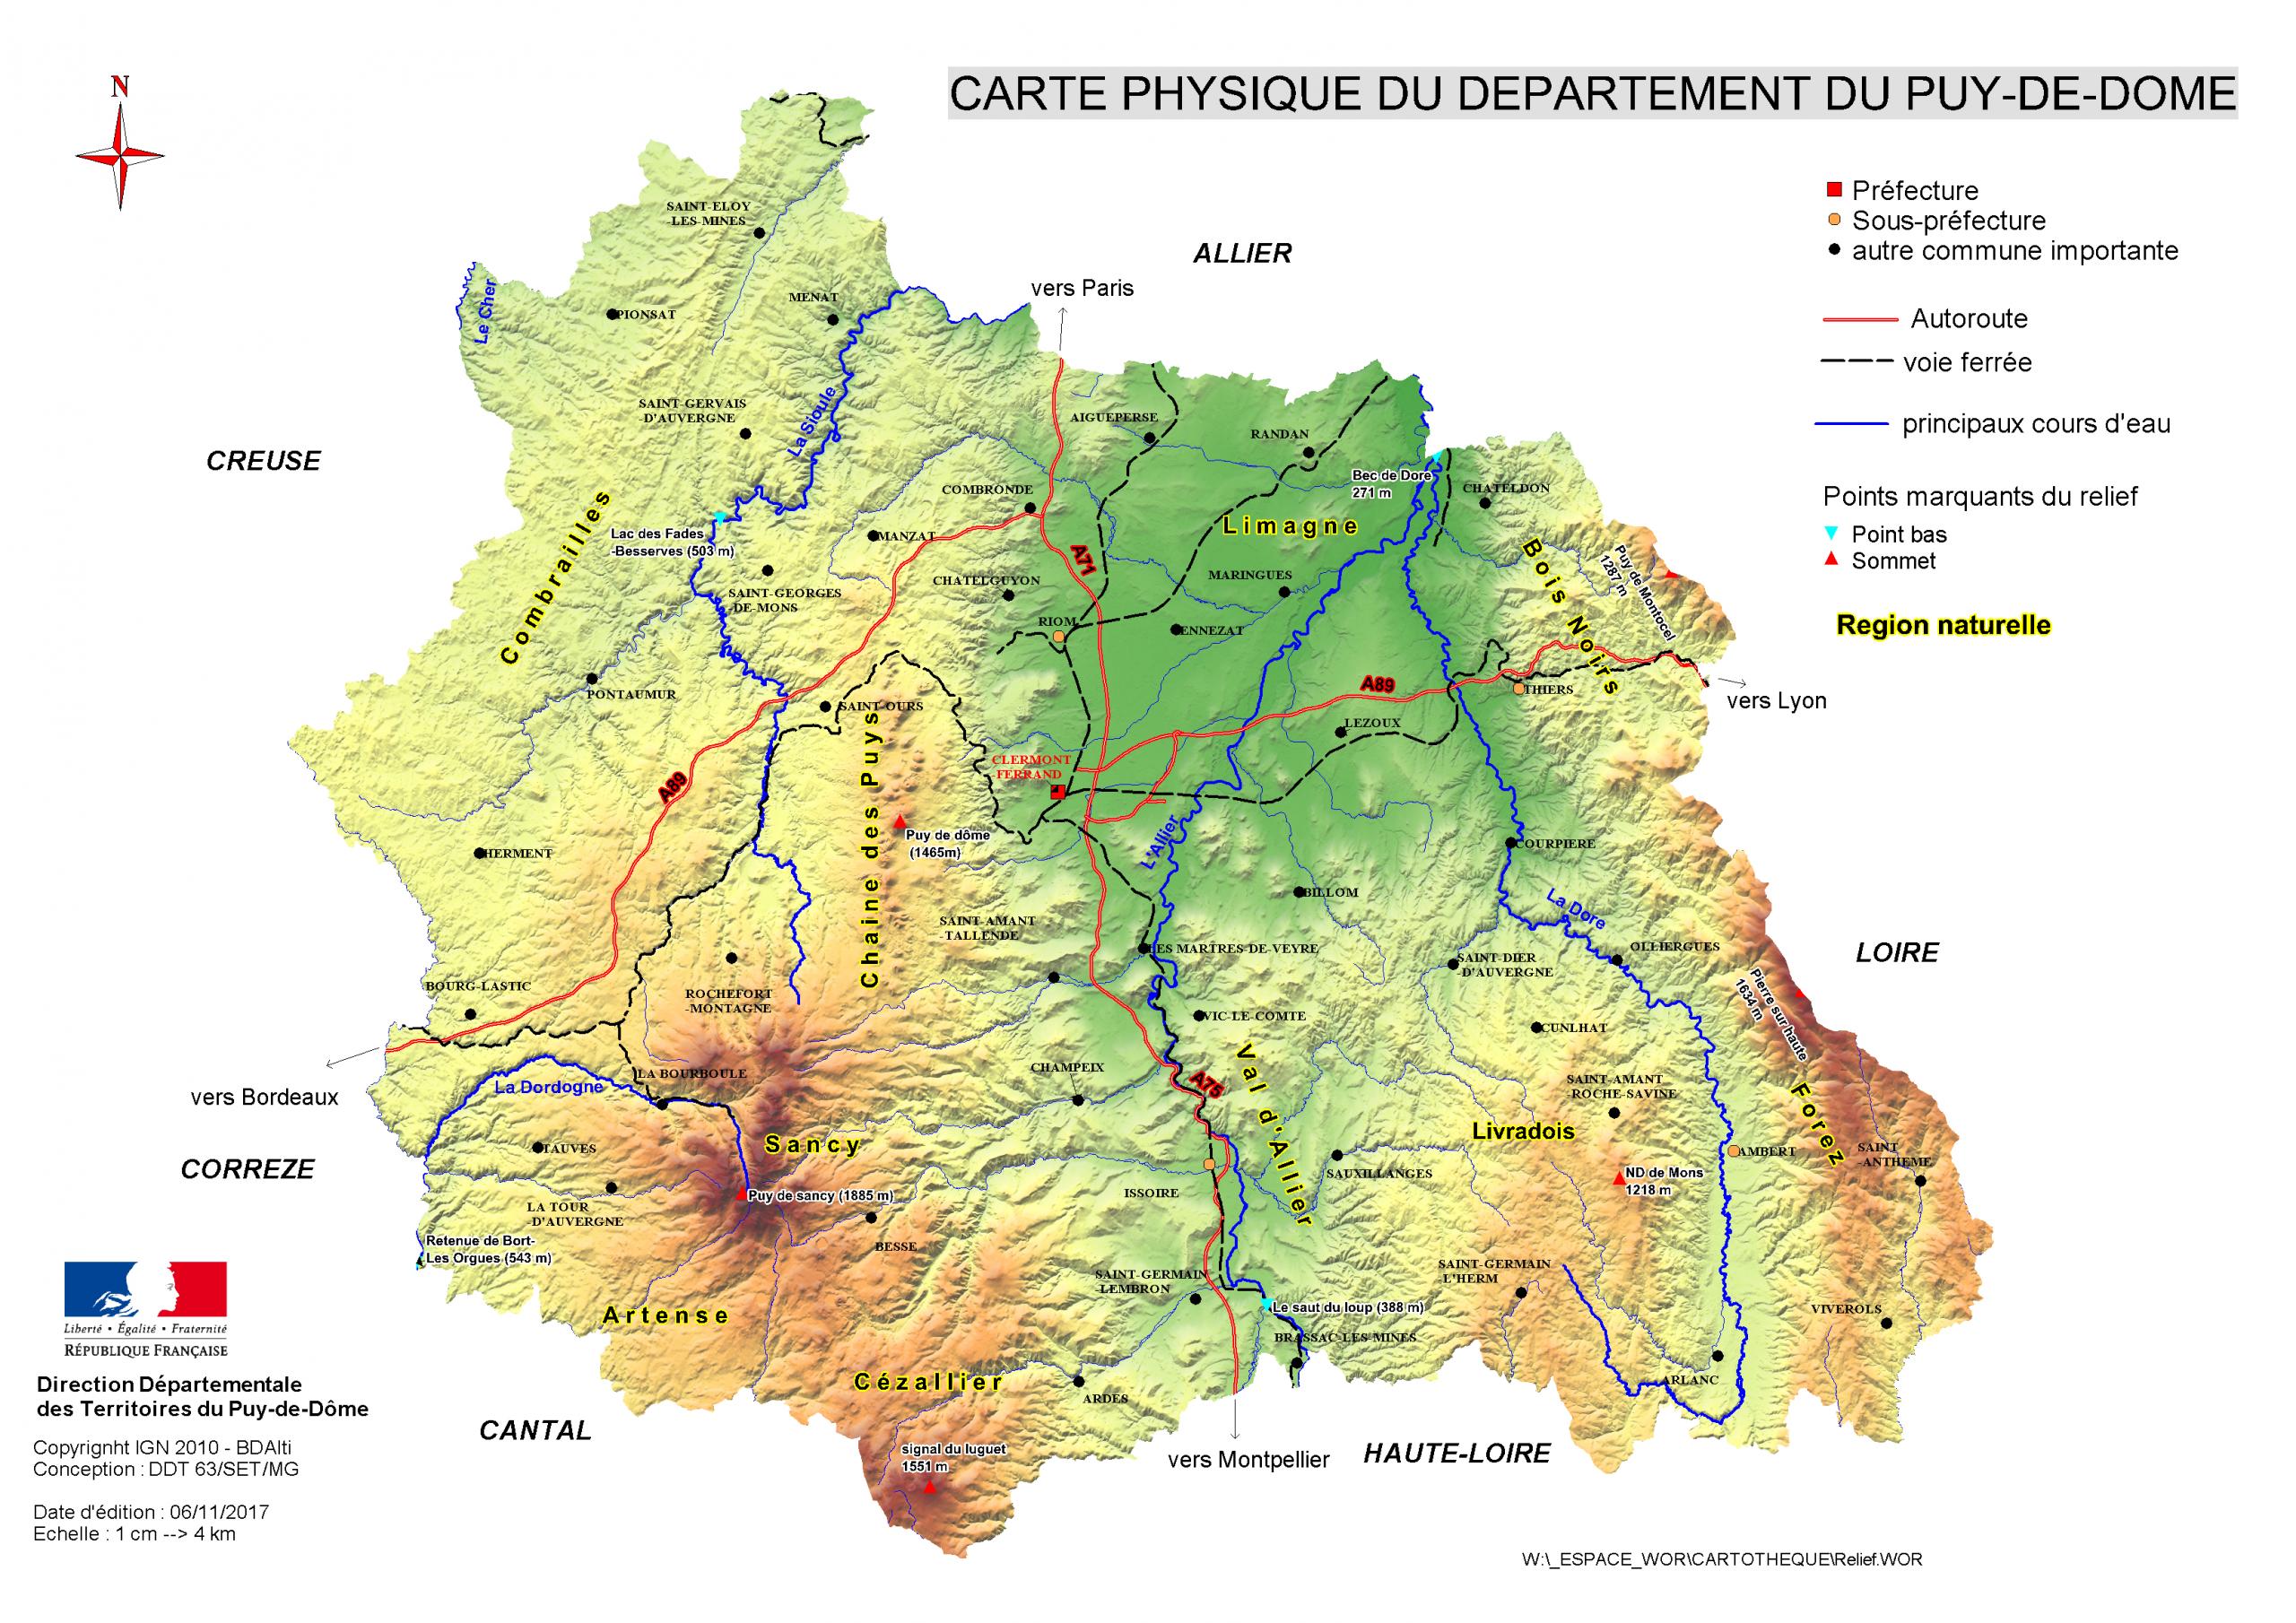 Carte Physique Du Département Du Puy-De-Dôme - Internet Des avec Carte Avec Les Departement